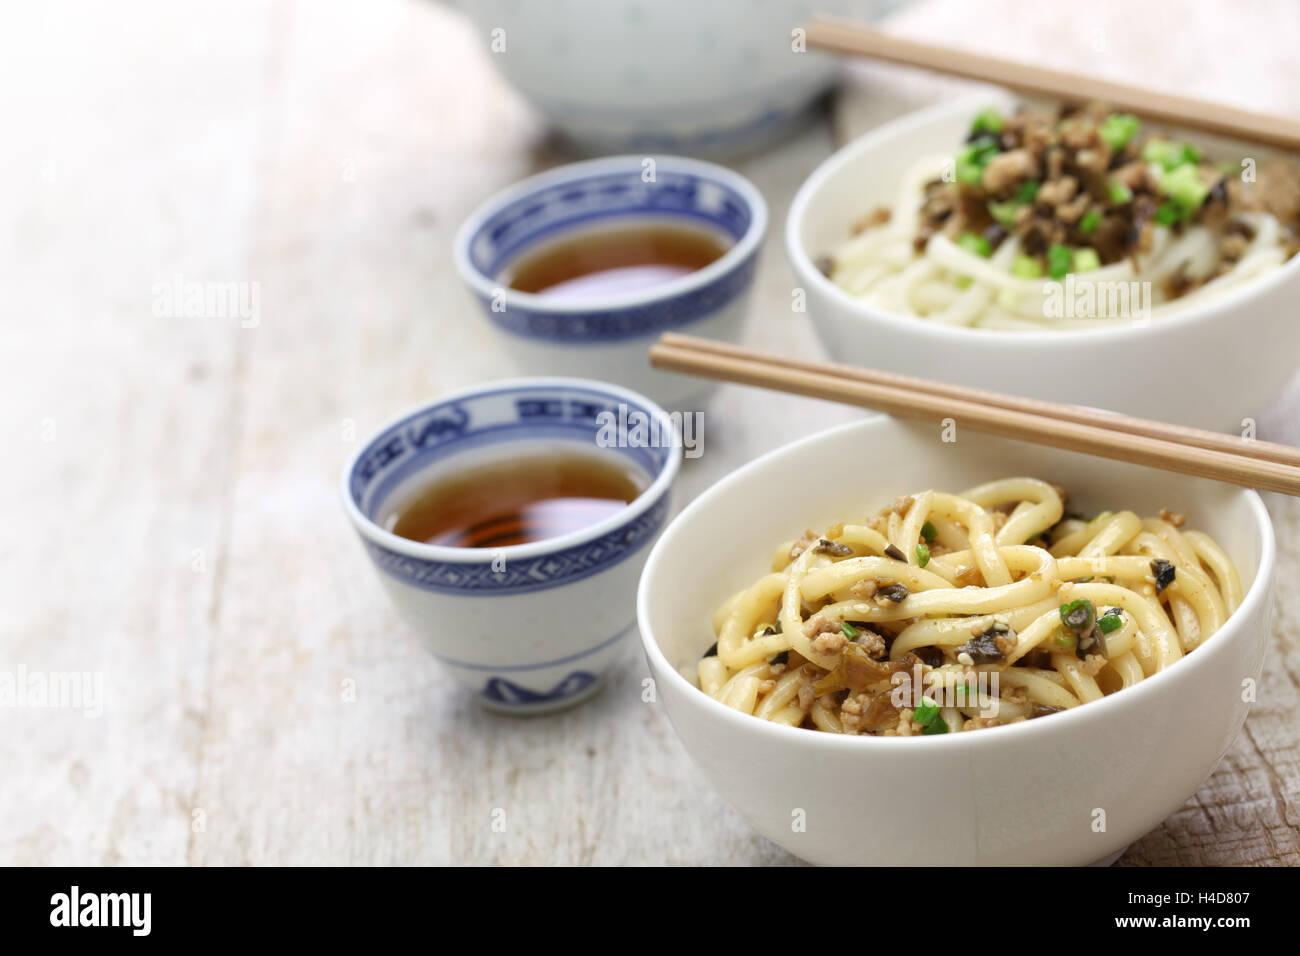 dan dan noodles, chinese sichuan cuisine - Stock Image